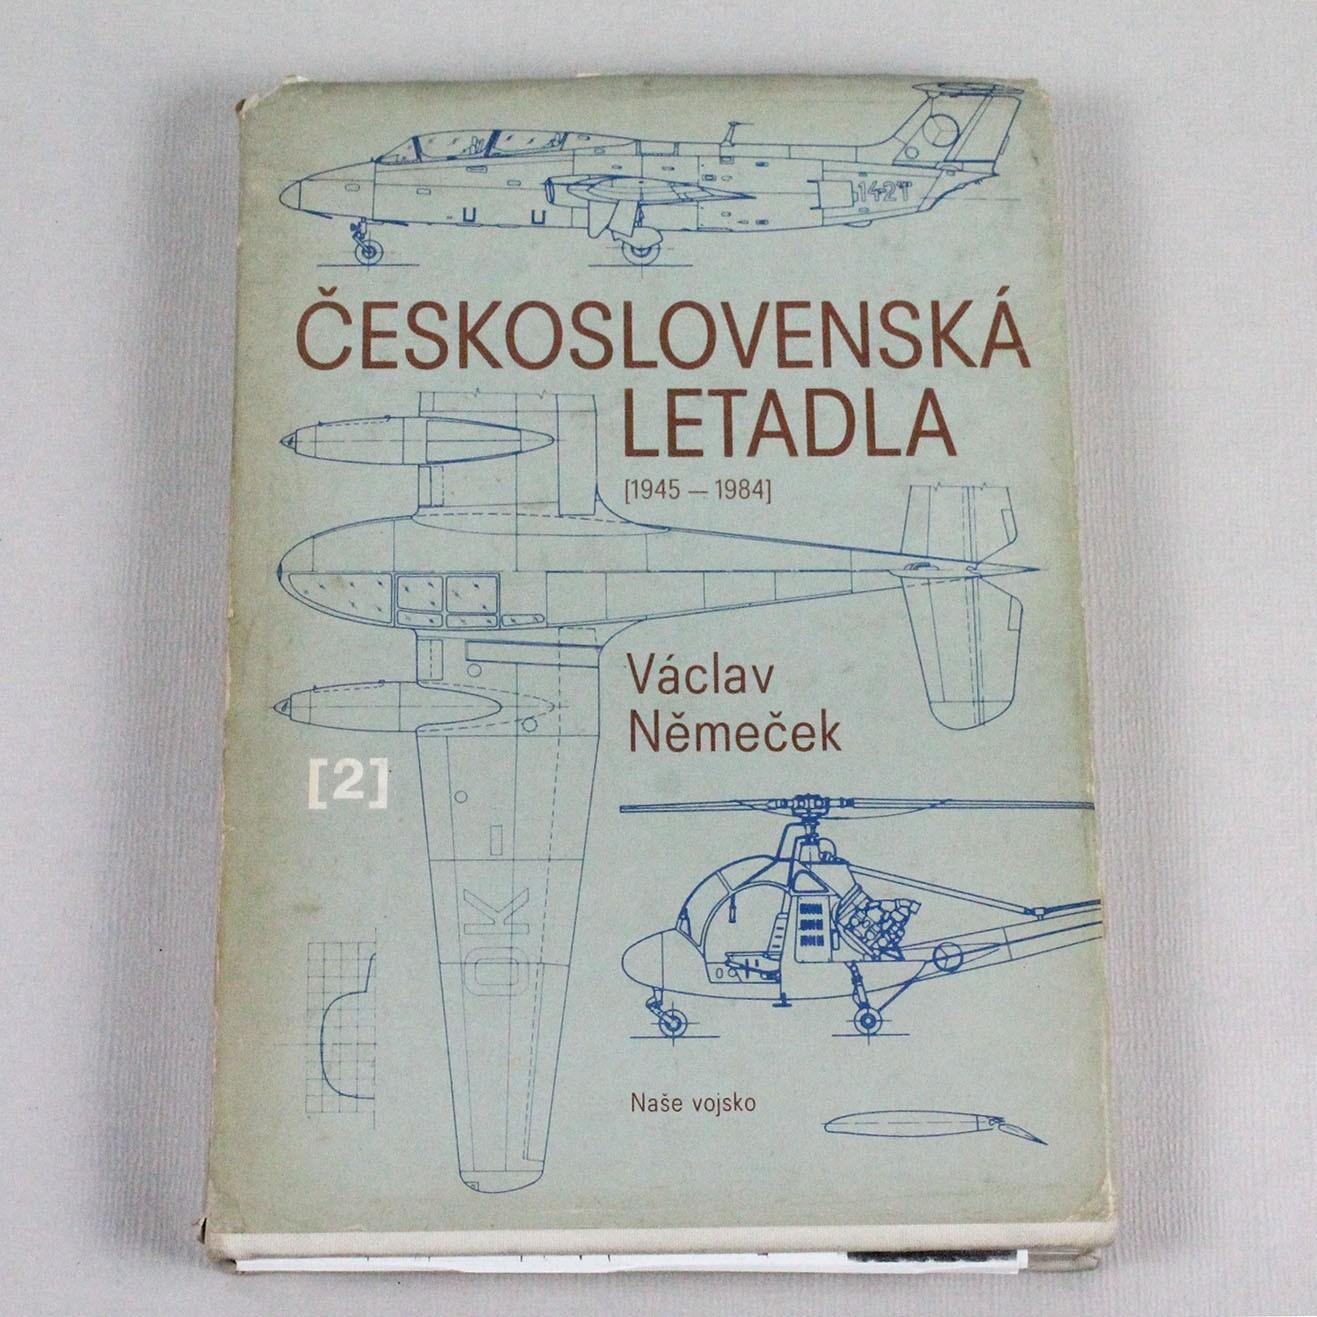 LIBCZ-CESKOSLOVENSKÁ LETADLA 1945-1984